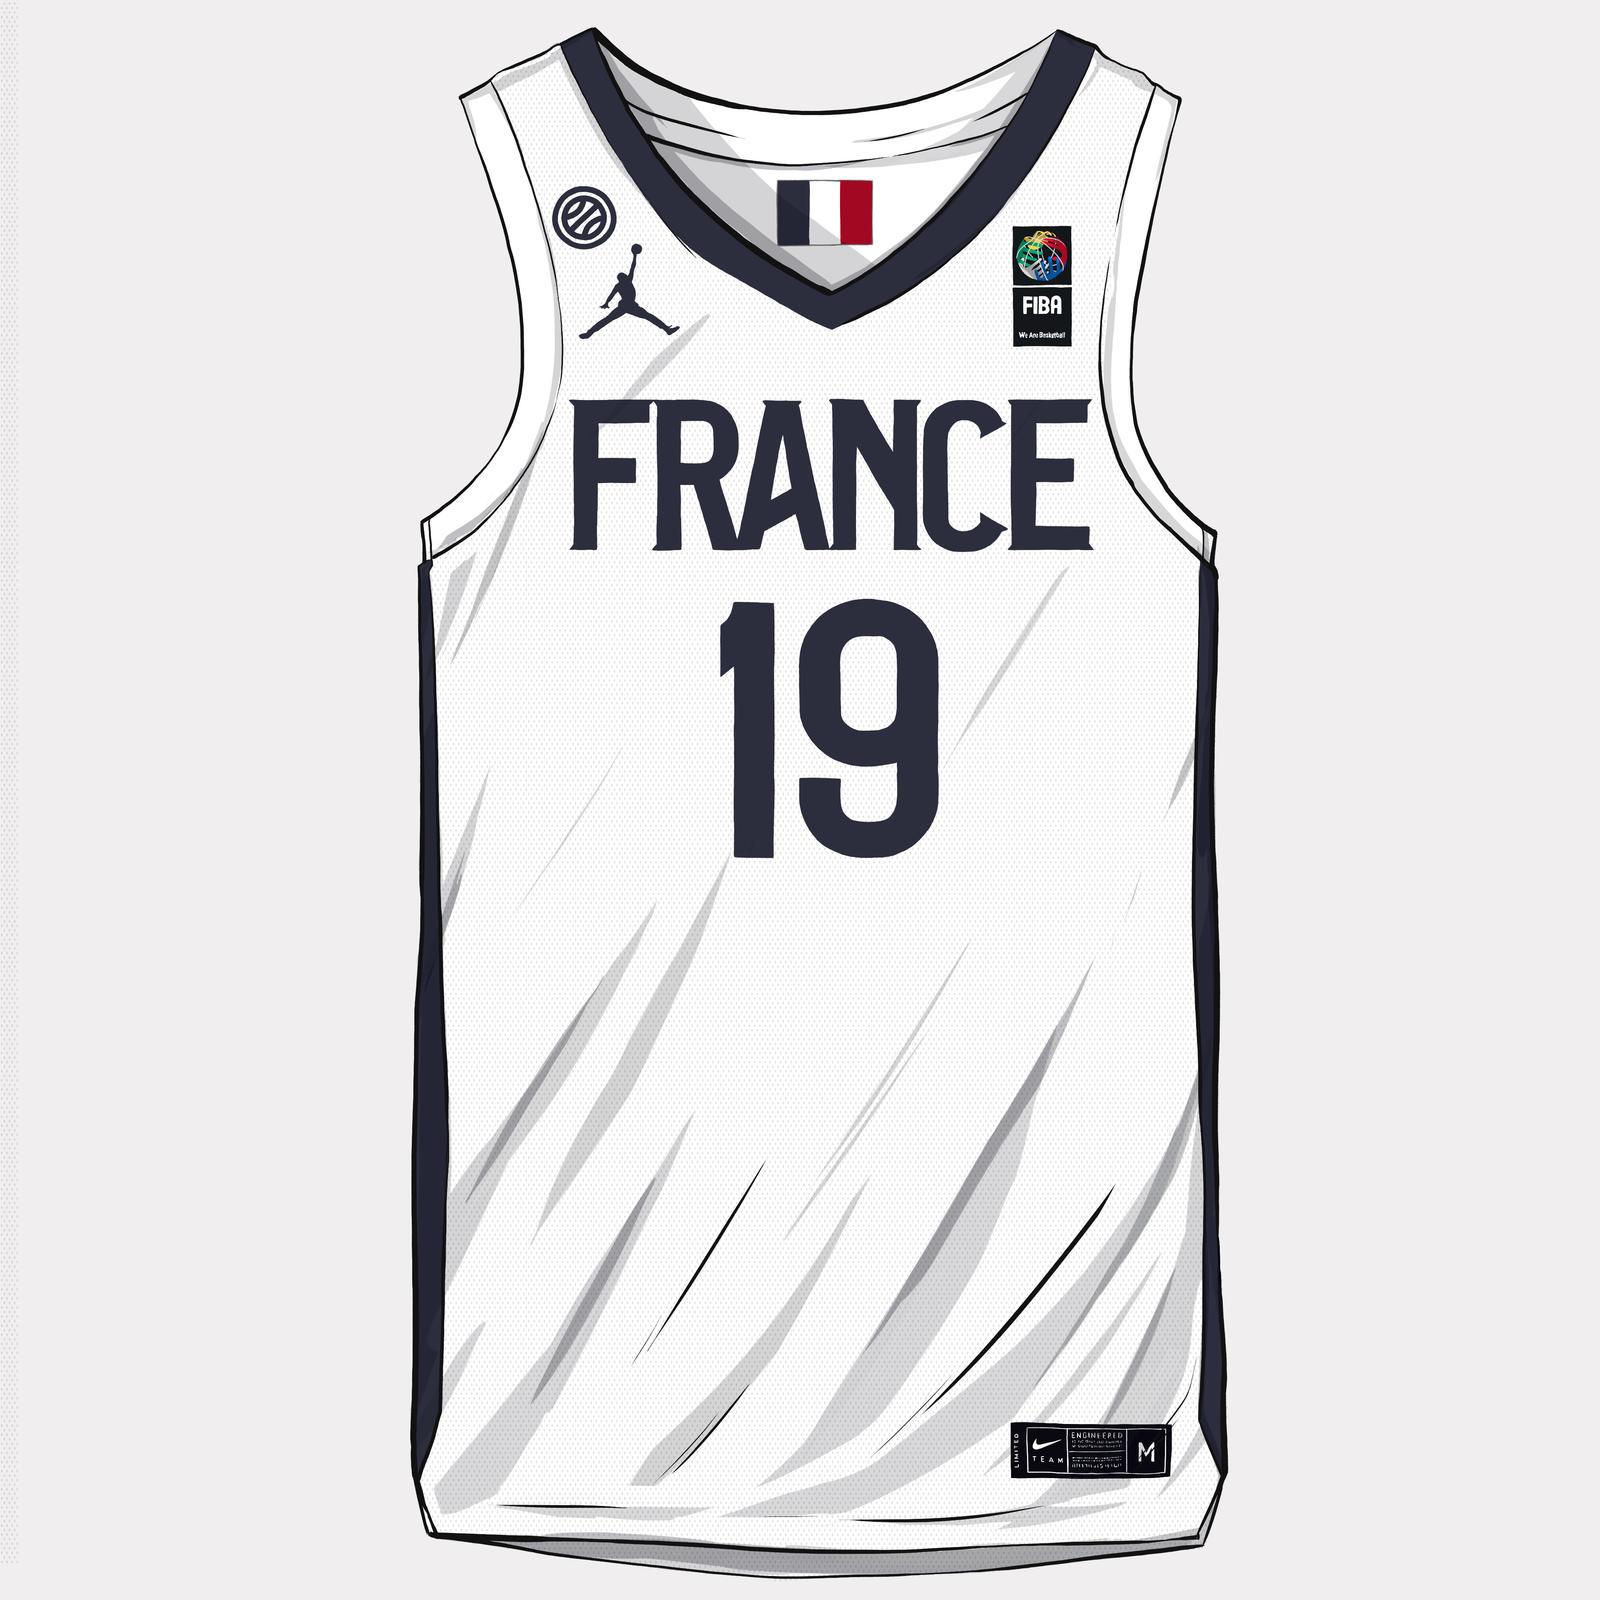 nike-news-france-national-team-kit-2019-illustration-1x1_2_89513.jpg